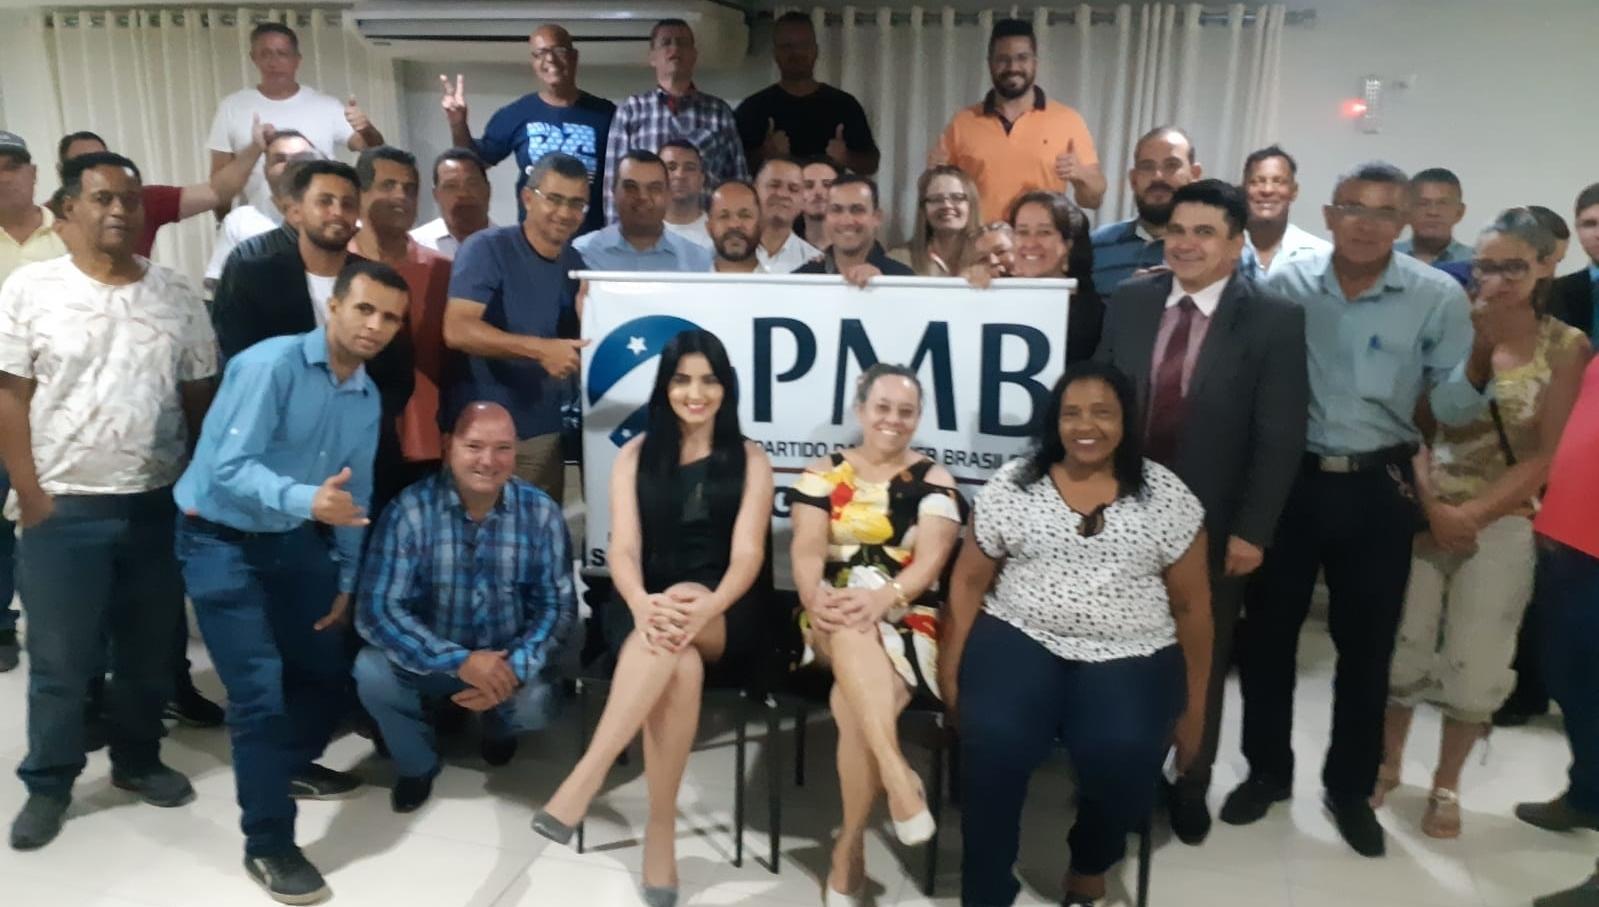 PMB fecha chapa de candidatos a vereador e apoia Divino Lemes em Senador Canedo